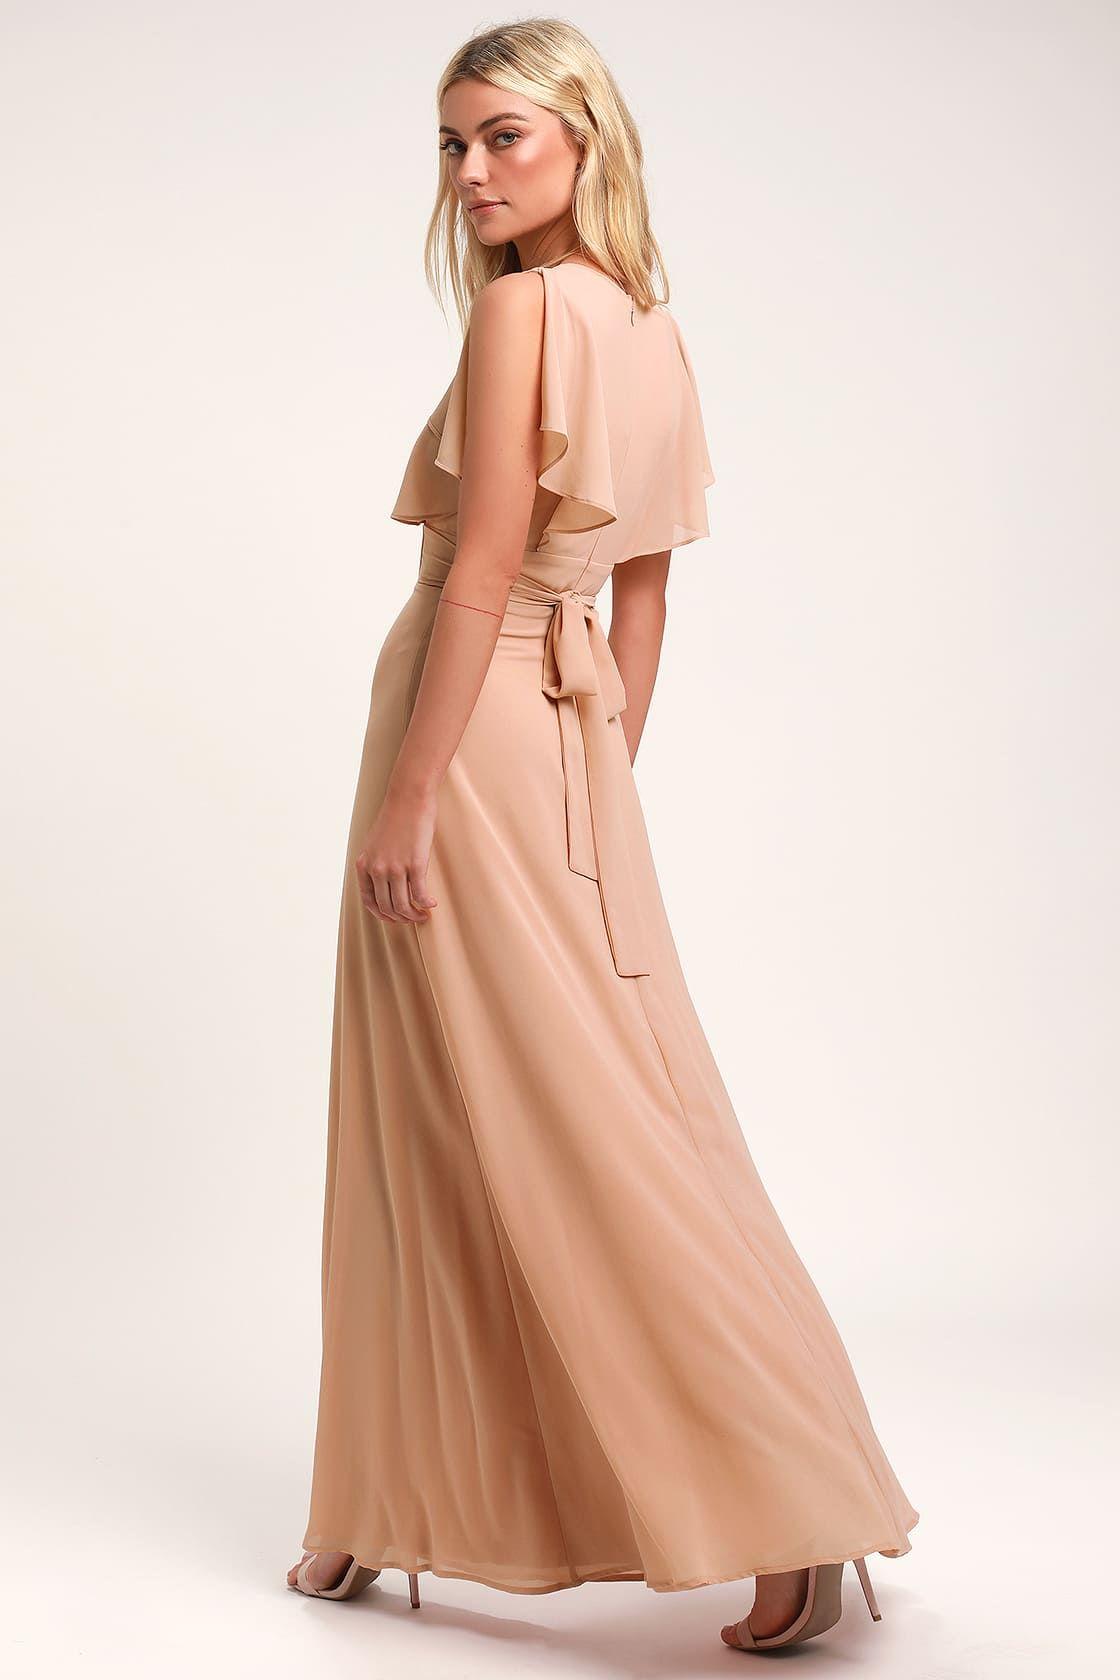 Dearly loved blush flutter sleeve maxi dress maxi dress